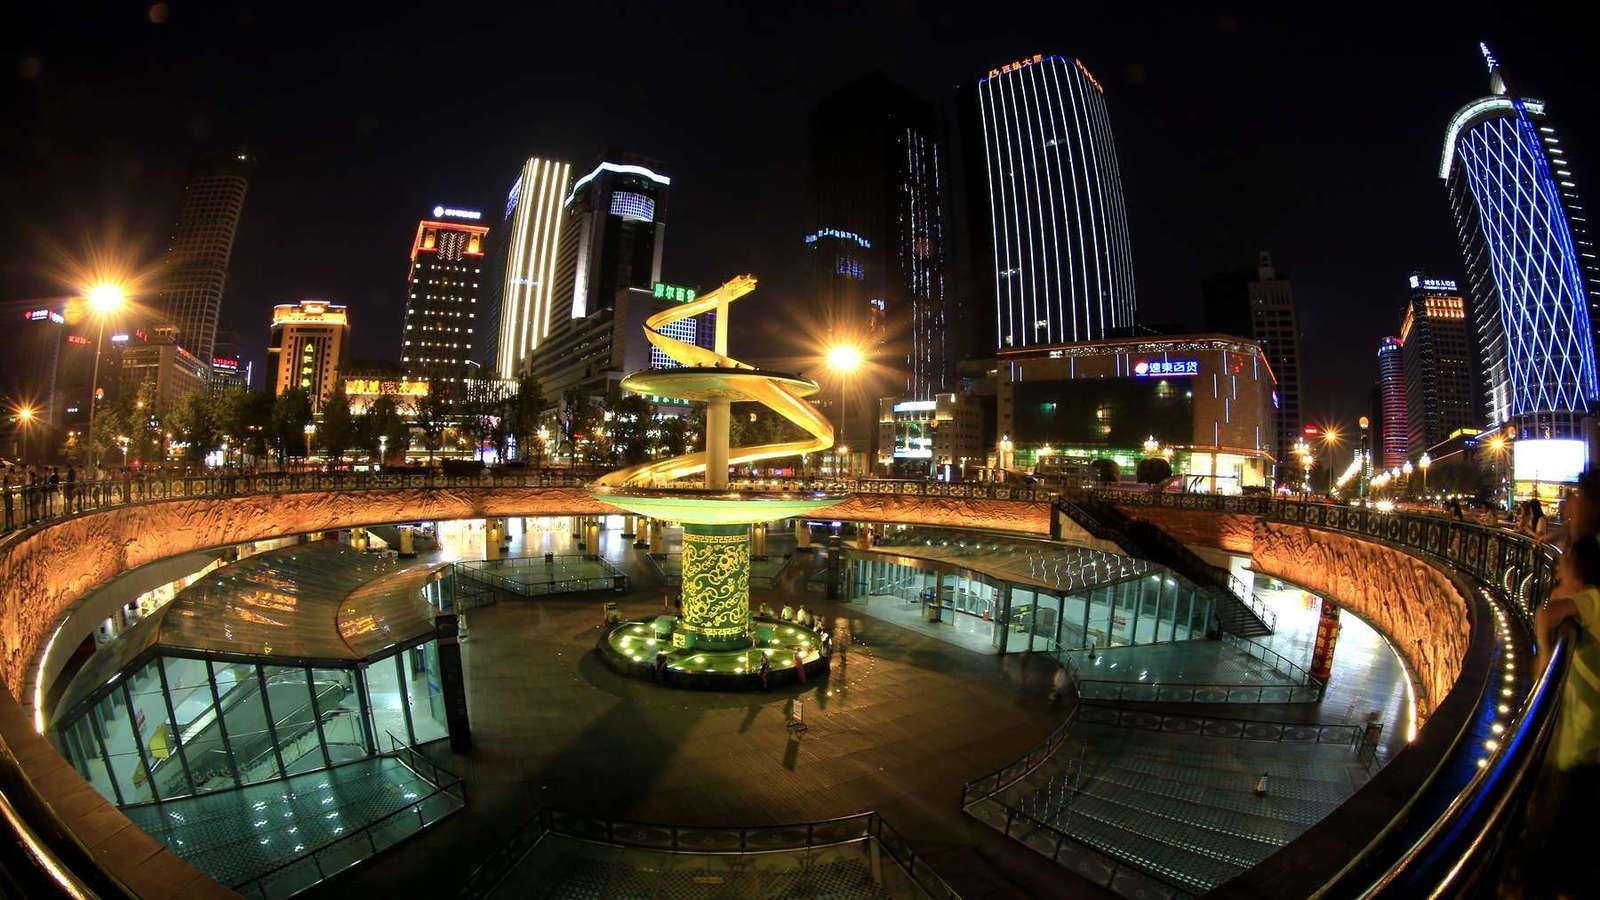 Shall We Talk 8.0 - Chengdu